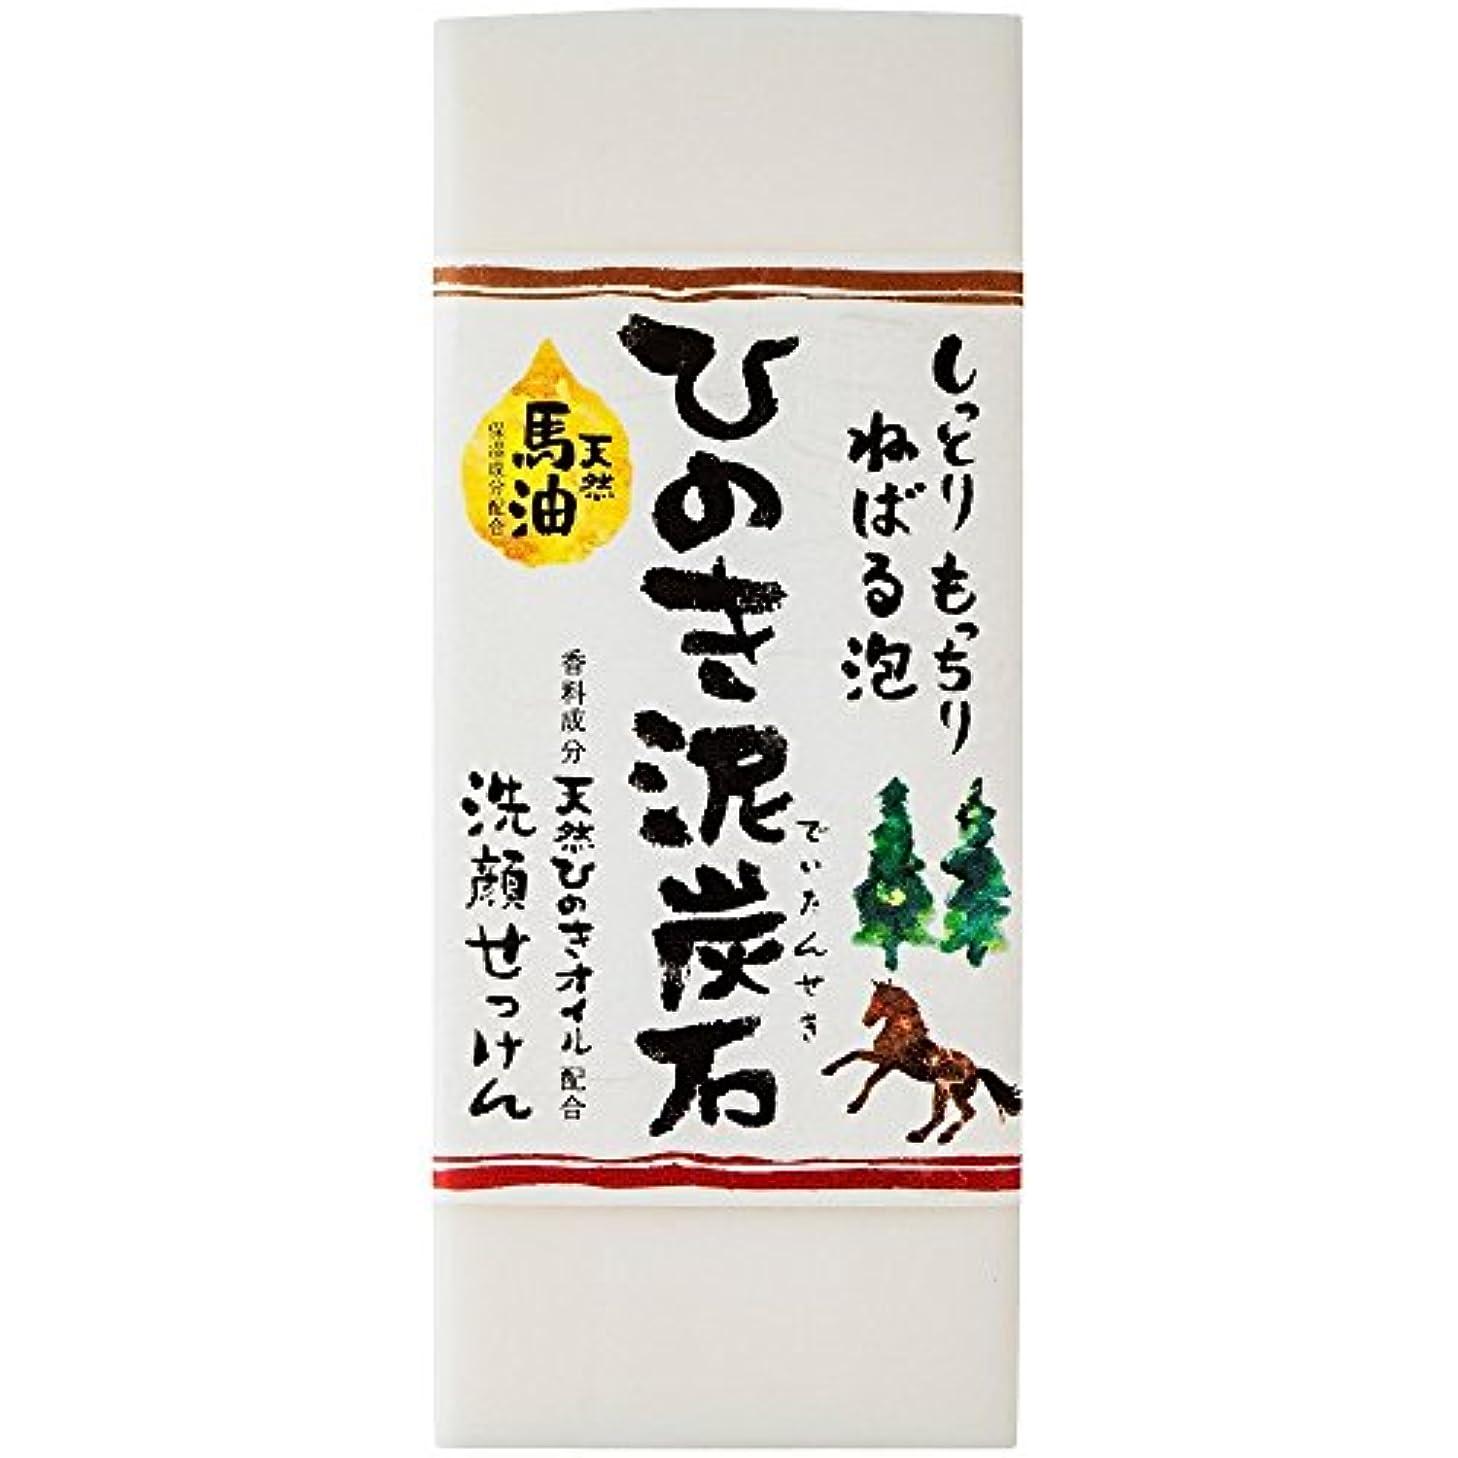 ダイアクリティカルオプショナルスローガンひのき泥炭石 洗顔せっけん うるおいタイプ 150g